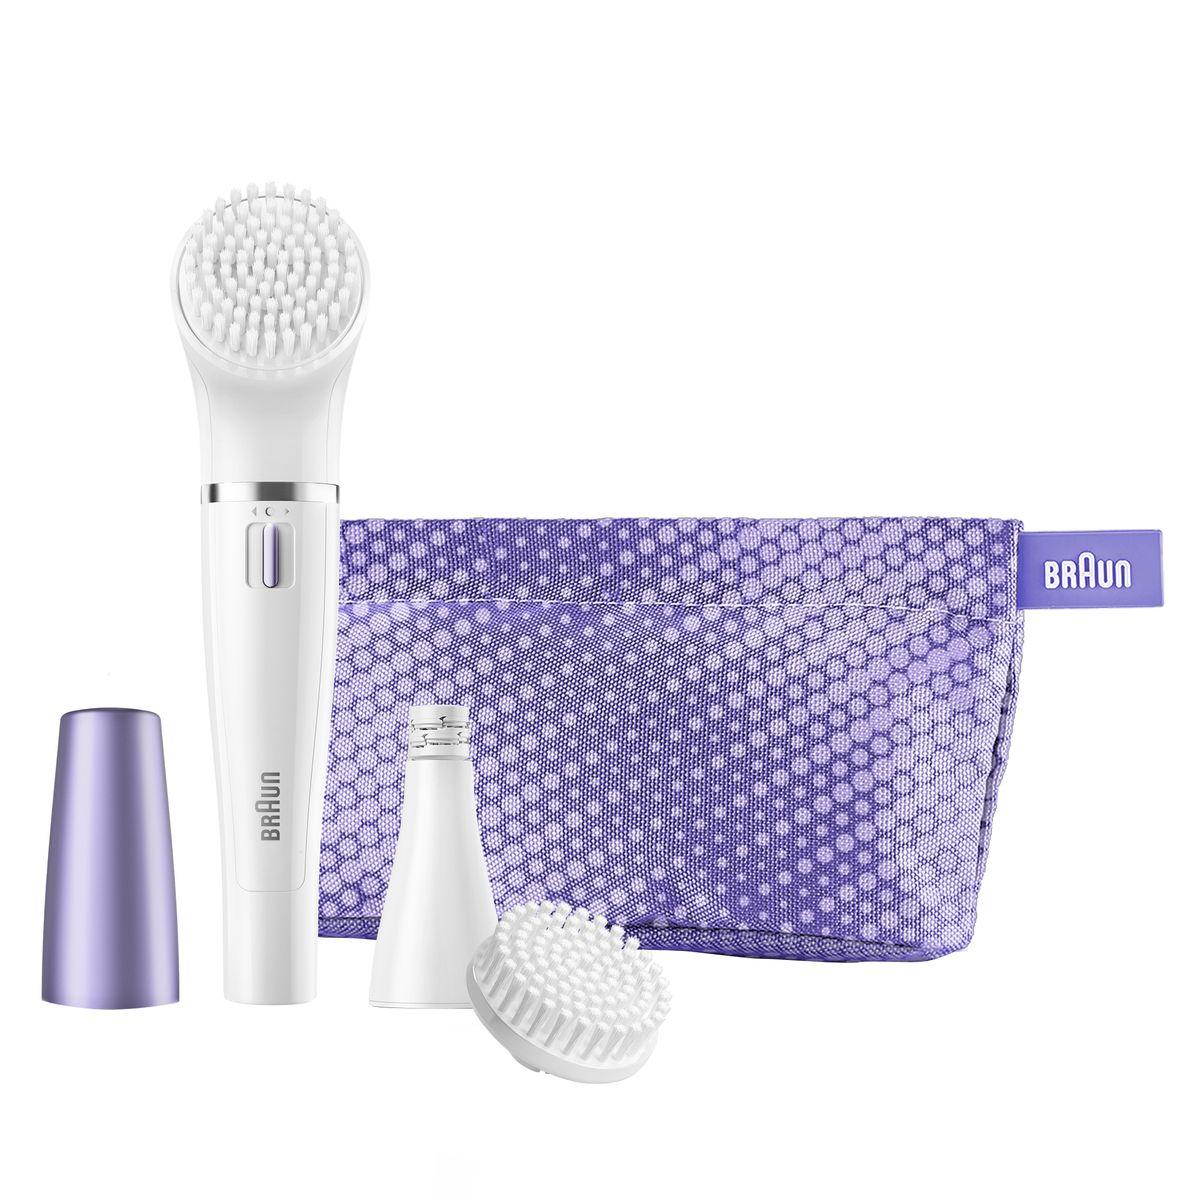 Braun Face 832n щеточка для очищения + эпилятор для лица купить лазерный эпилятор для домашнего